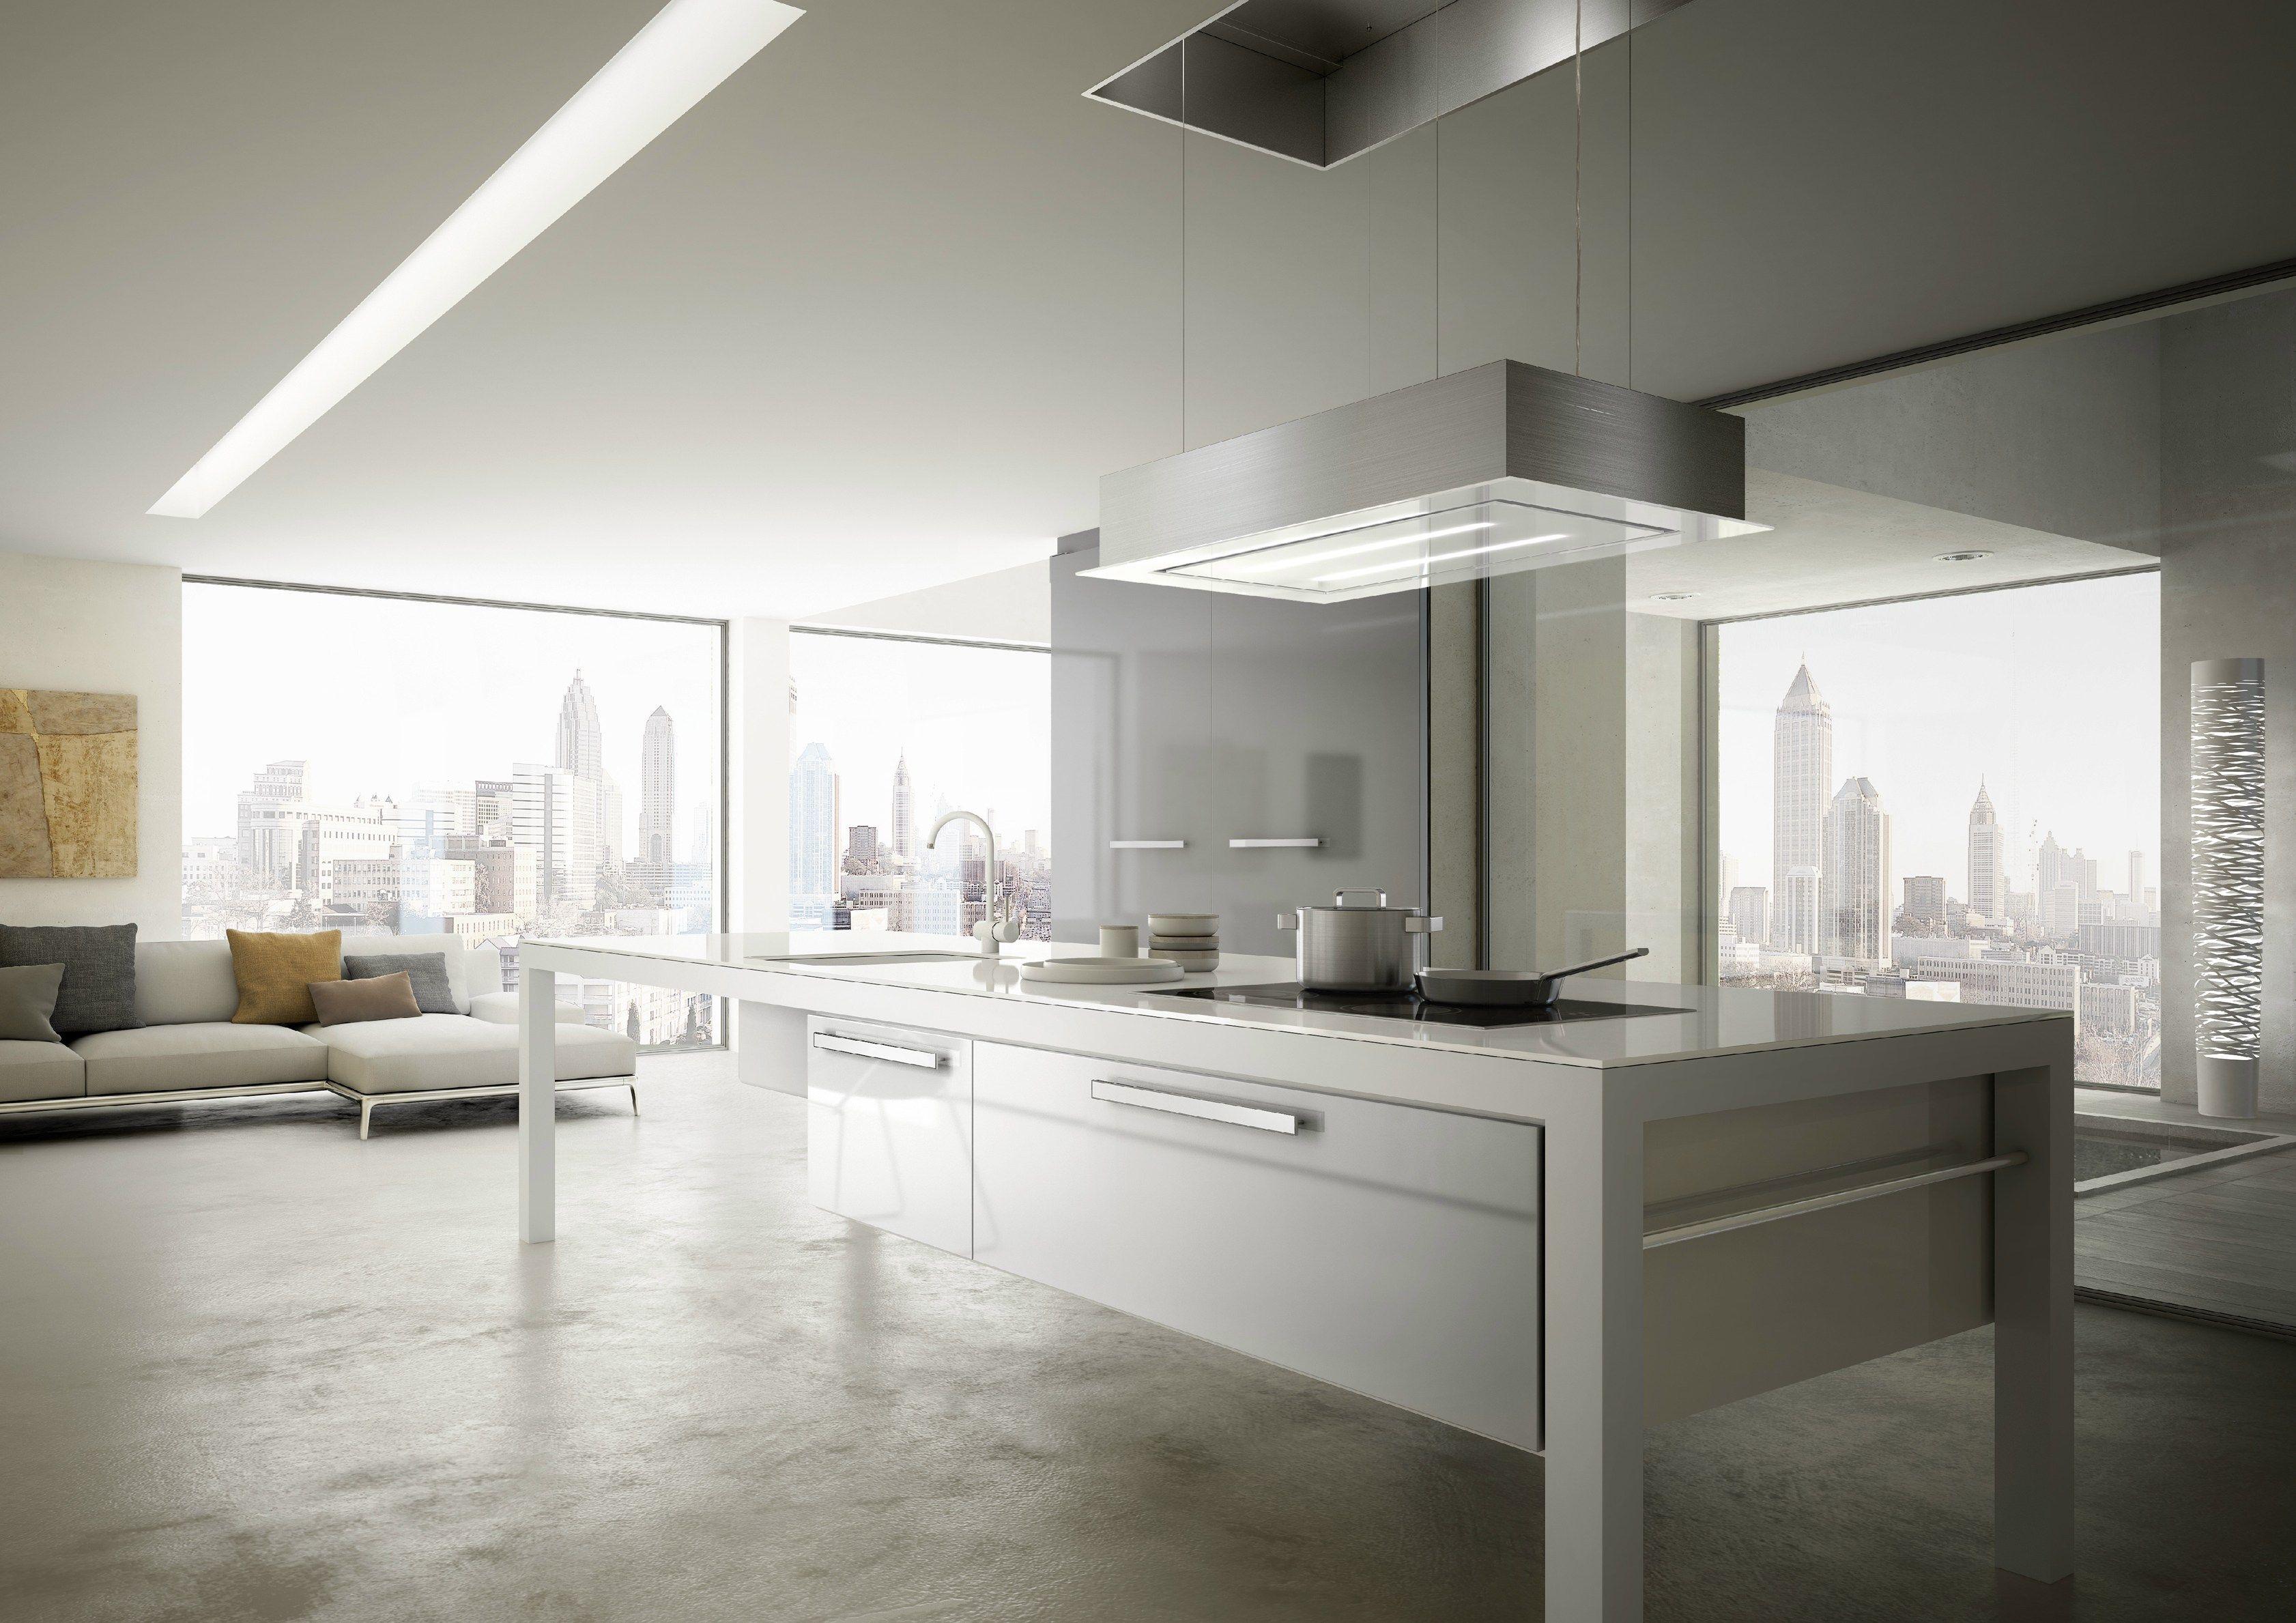 Cappa in acciaio e vetro ad incasso skylift linea built in - Sostituire cappa cucina ...